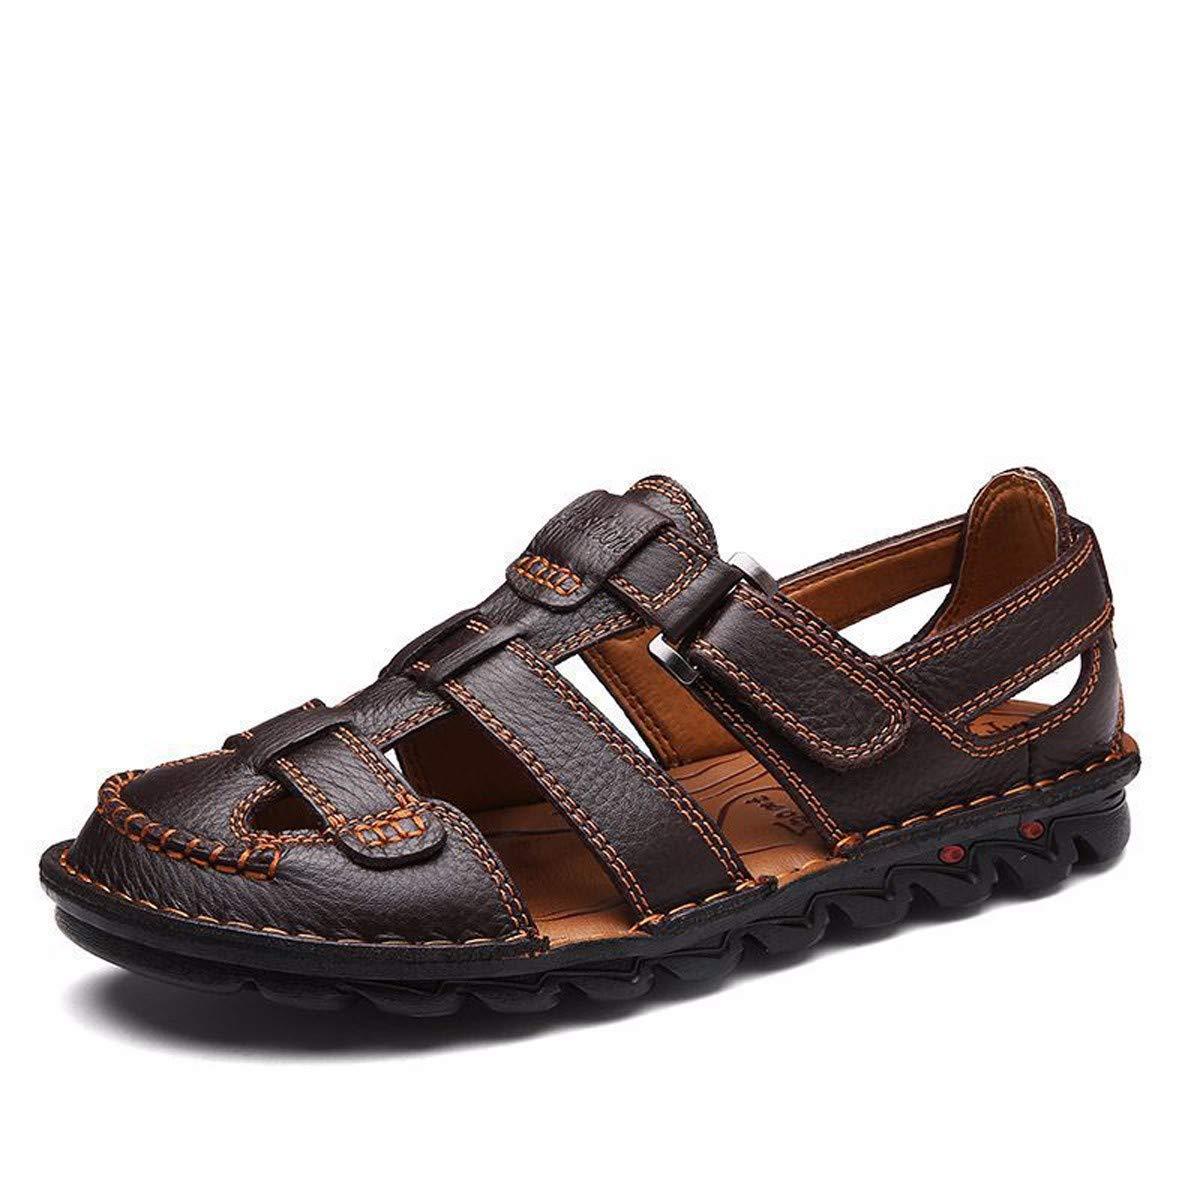 KMJBS-L'été Les Sandales Les Chaussures De Plage Baotou Moyen Et De Vieillesse noir Quarante - Huit  -